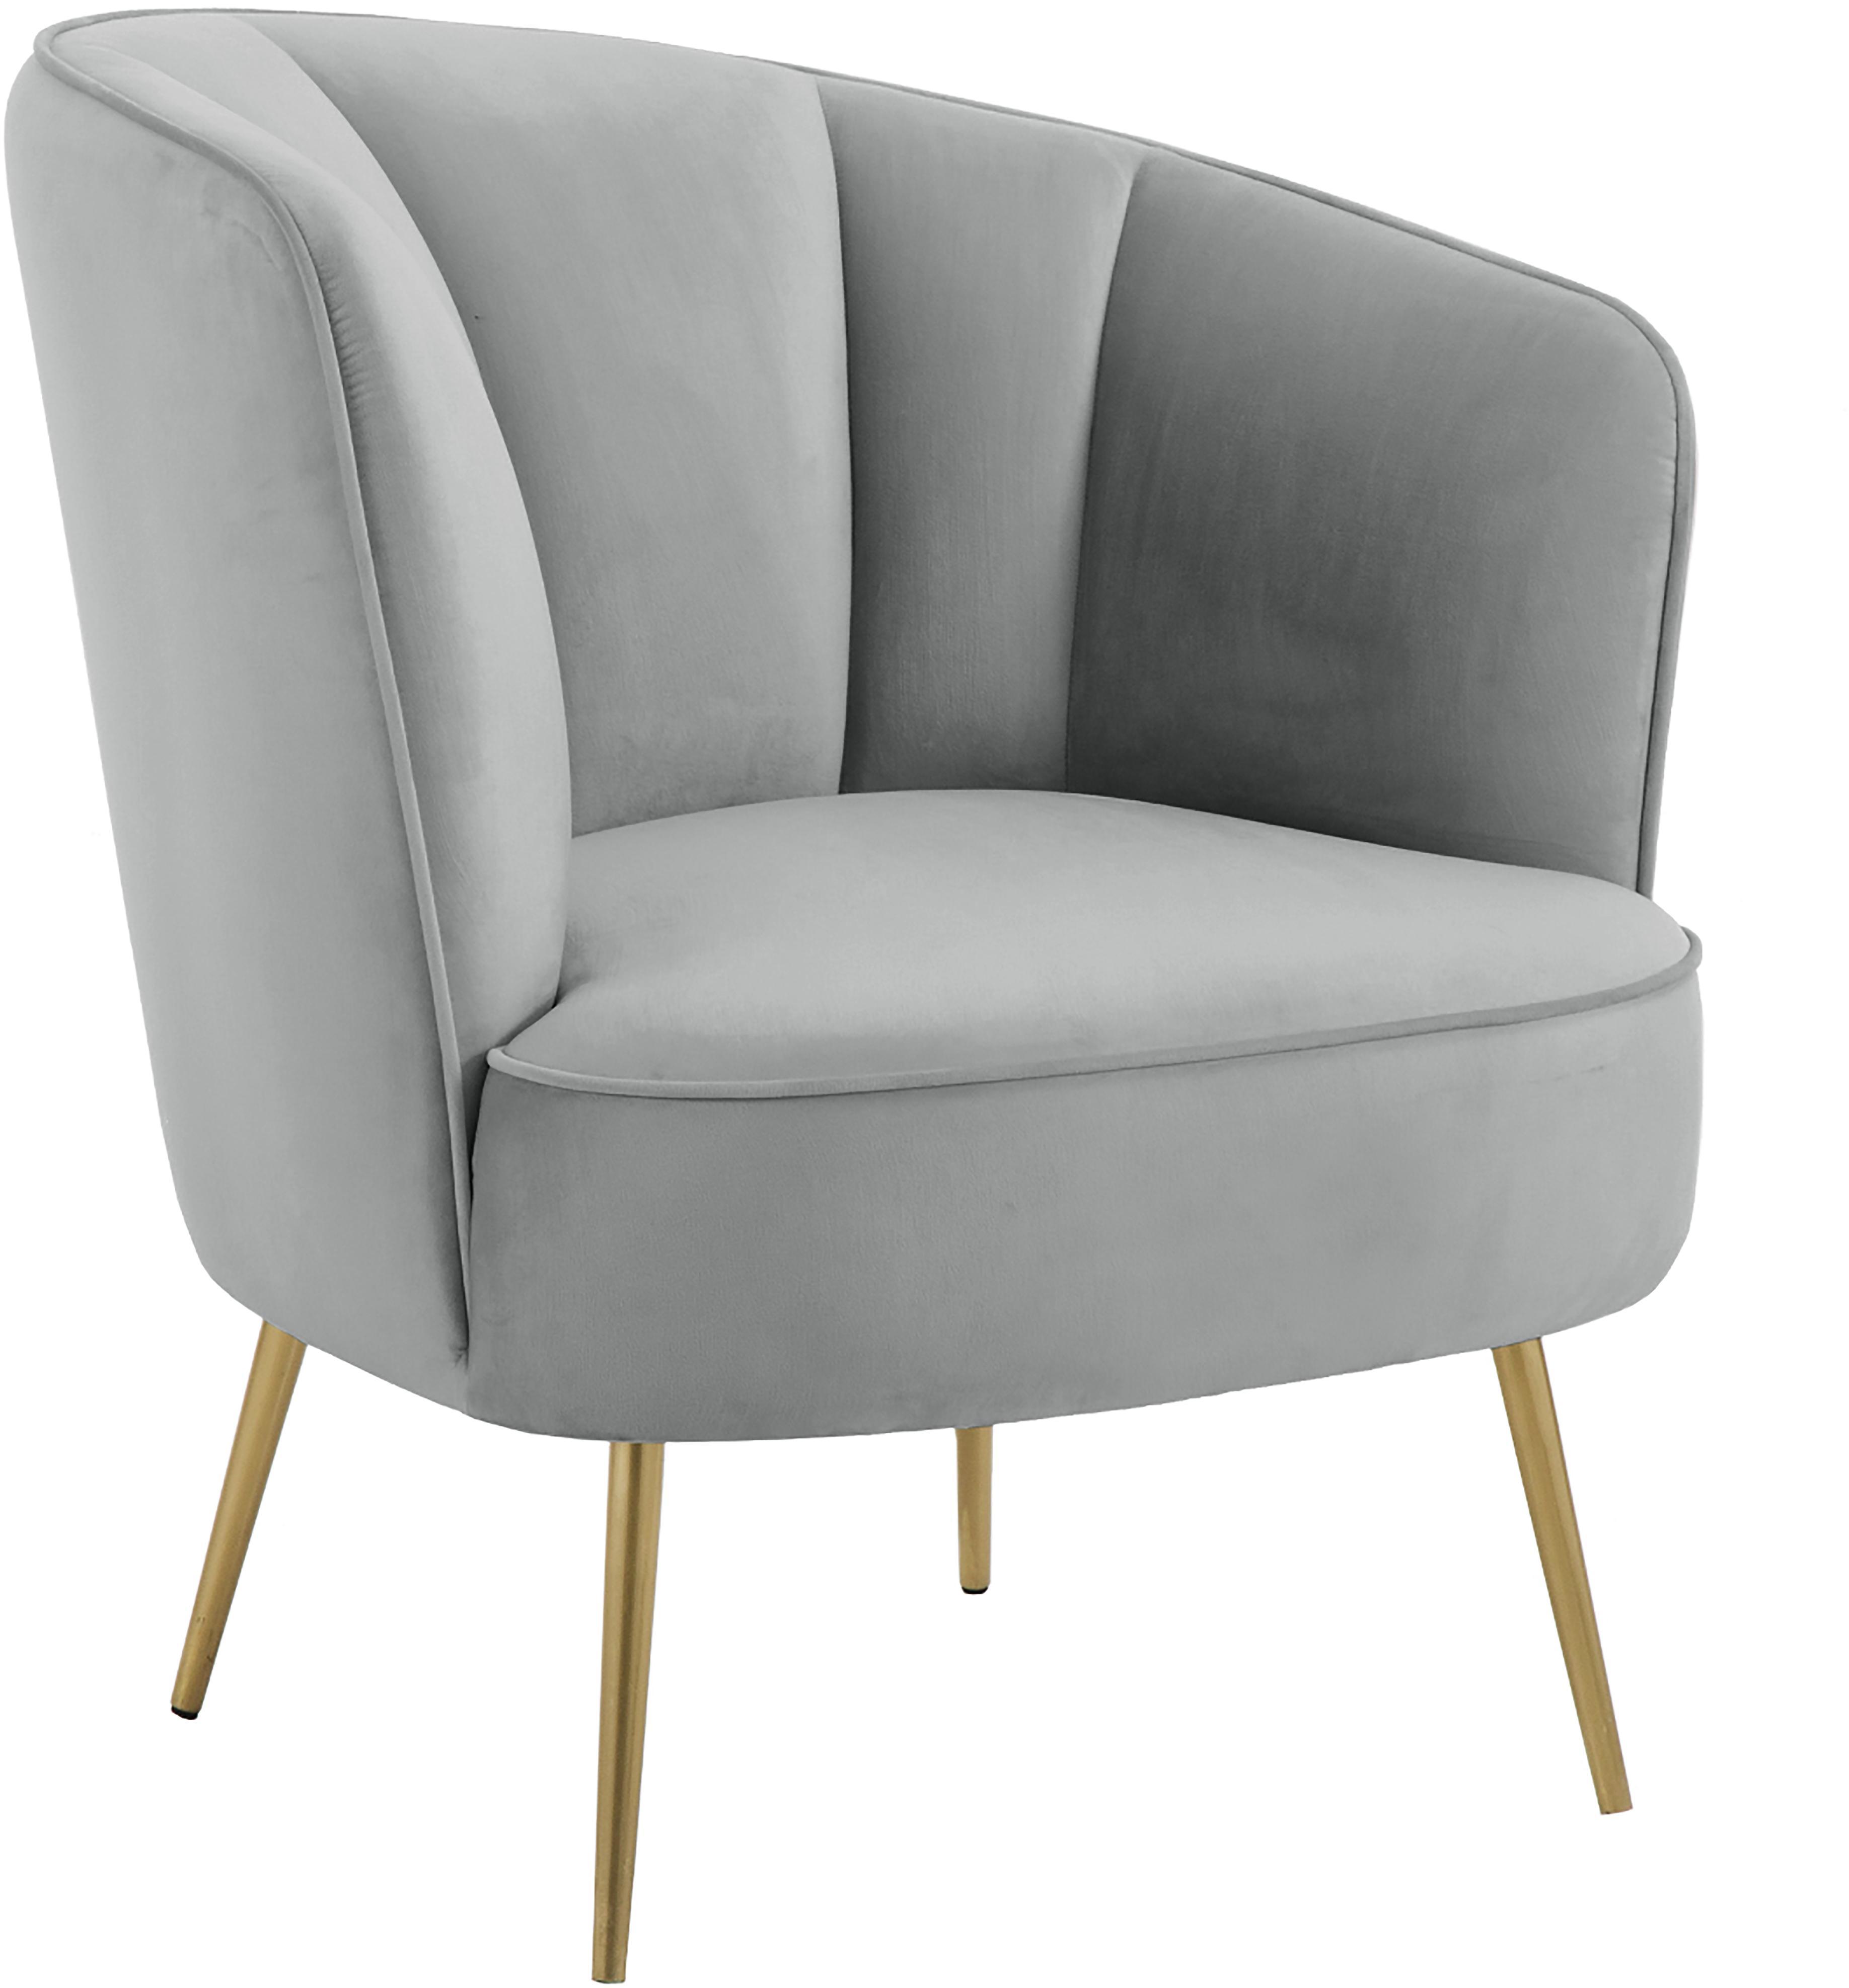 Samt-Sessel Louise, Bezug: Samt (Polyester) 30.000 S, Füße: Metall, beschichtet, Bezug: Grau Füße: Goldfarben, glänzend gebürstet, B 76 x T 74 cm